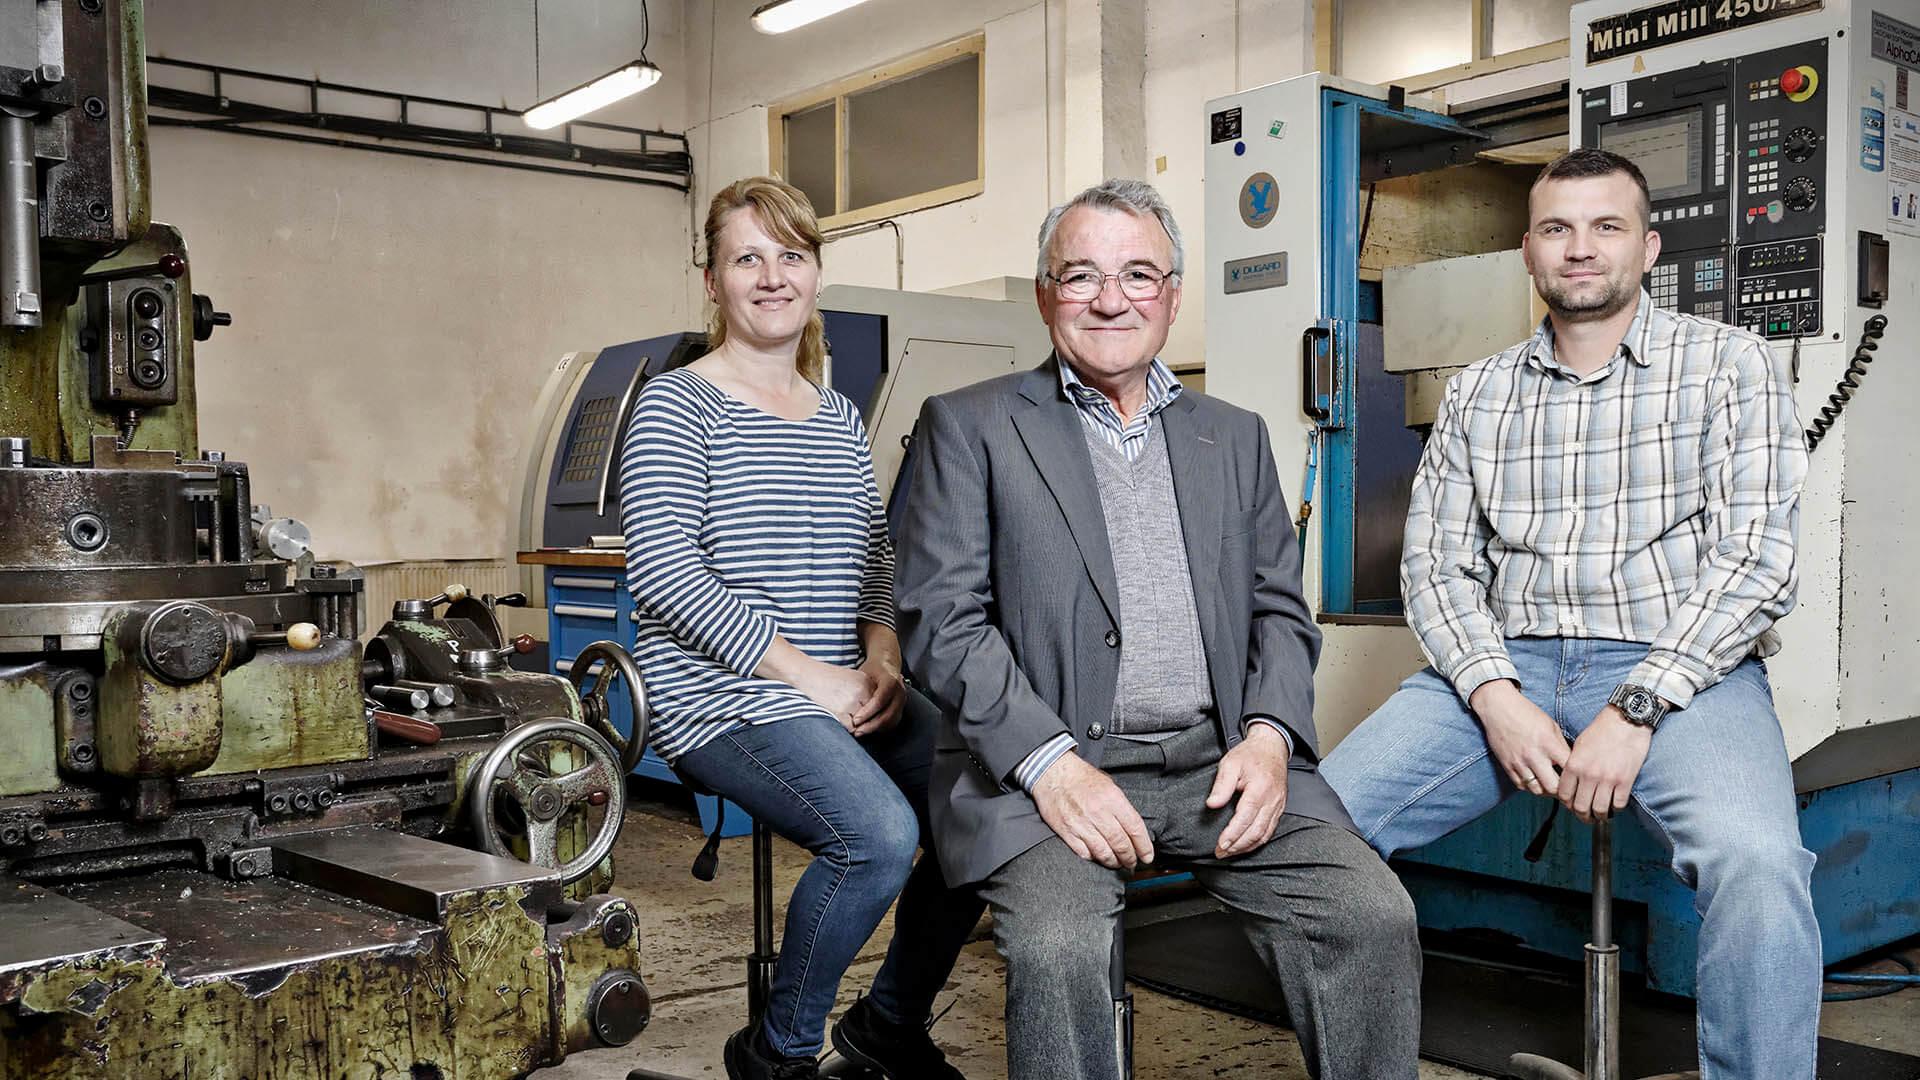 Firma na výrobu kovových súčiastok s rodinnou tradíciou.